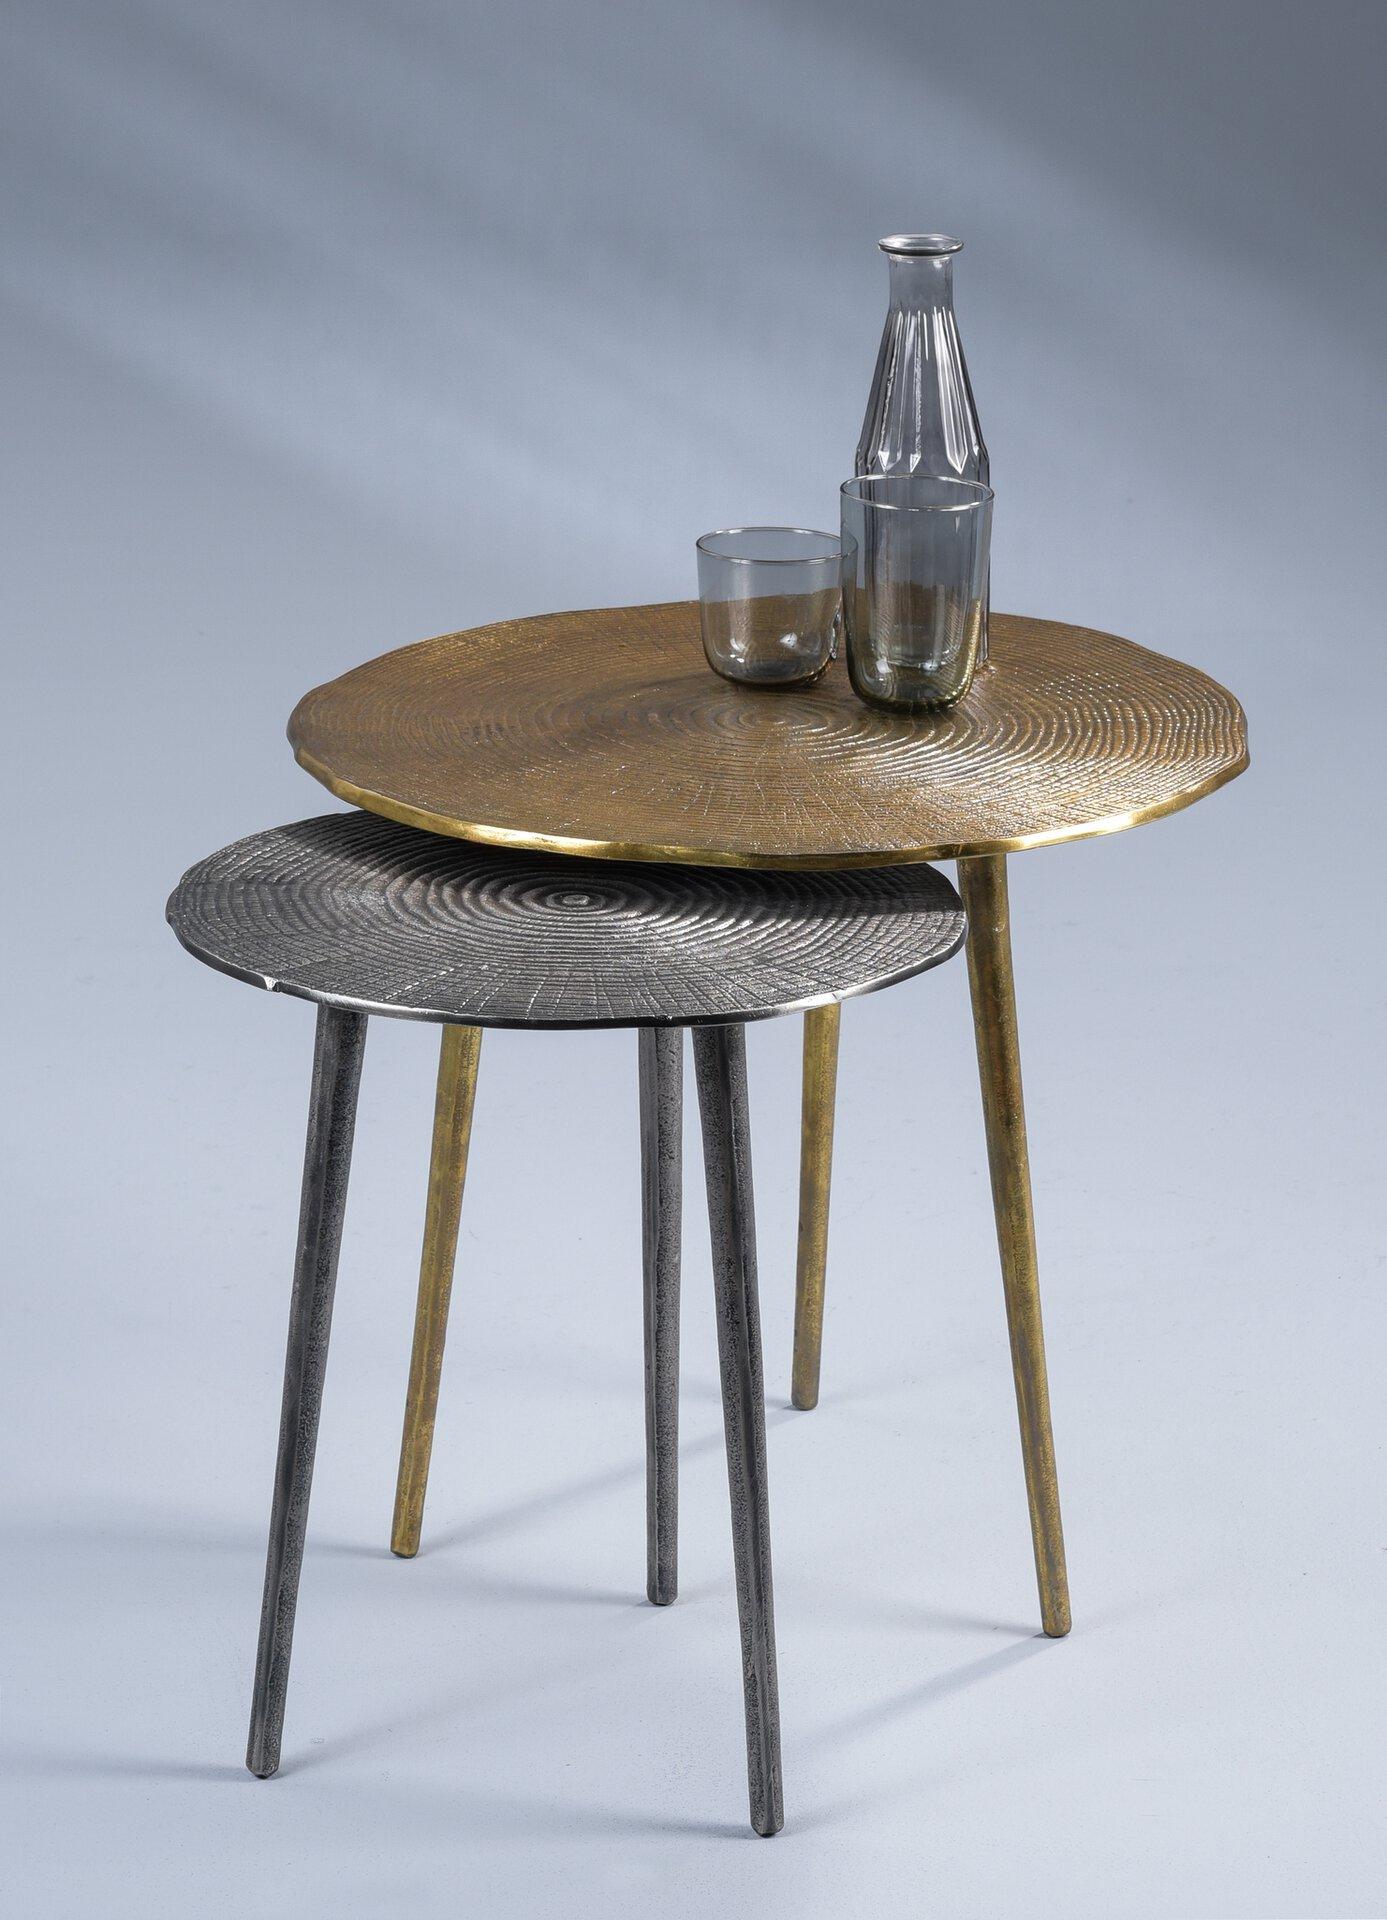 Couchtisch KUMAR 2 M2 Kollektion Metall grau 50 x 50 x 50 cm